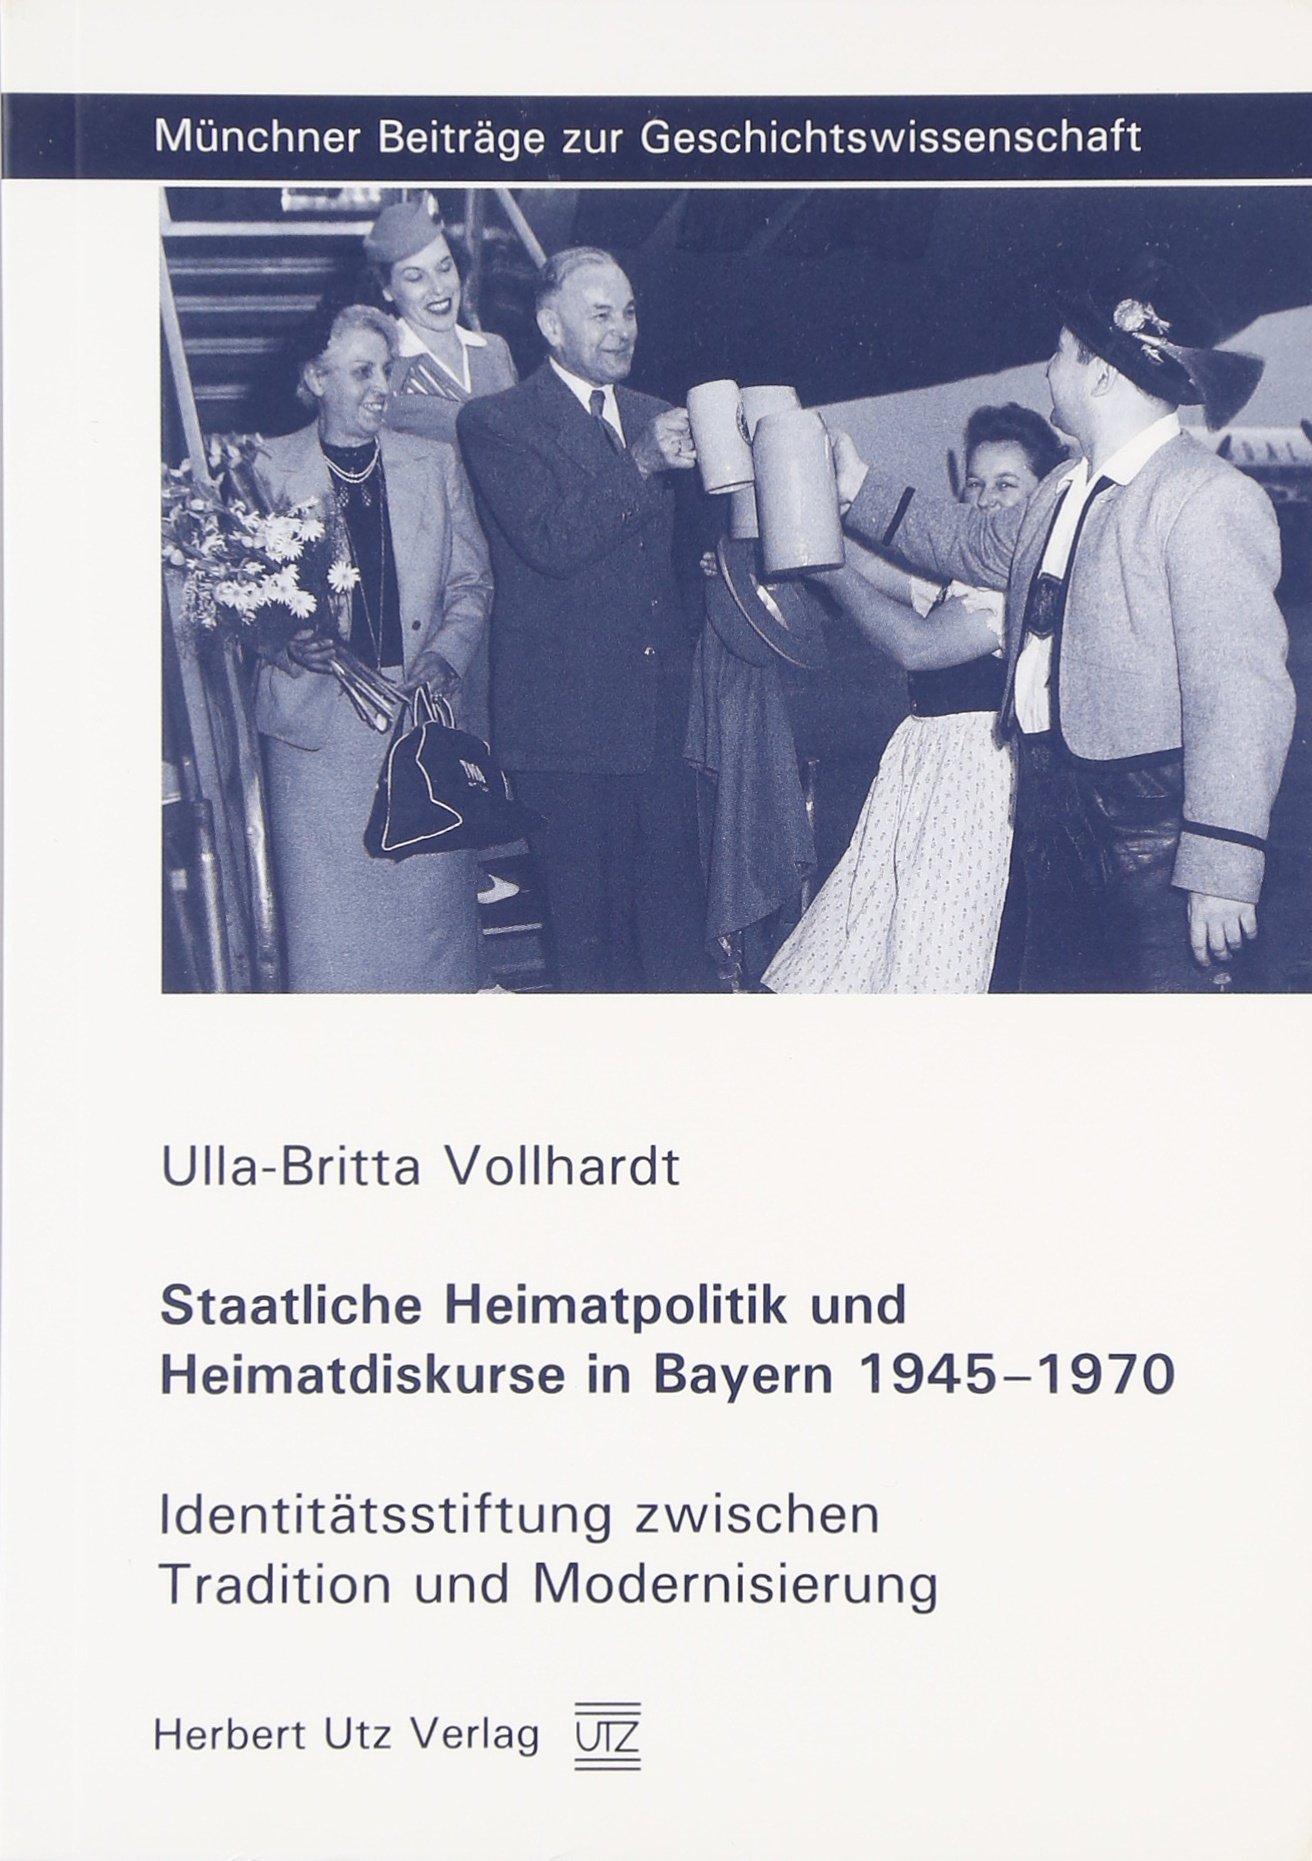 Staatliche Heimatpolitik und Heimatdiskurse in Bayern 1945–1970: Identitätsstiftung zwischen Tradition und Modernisierung